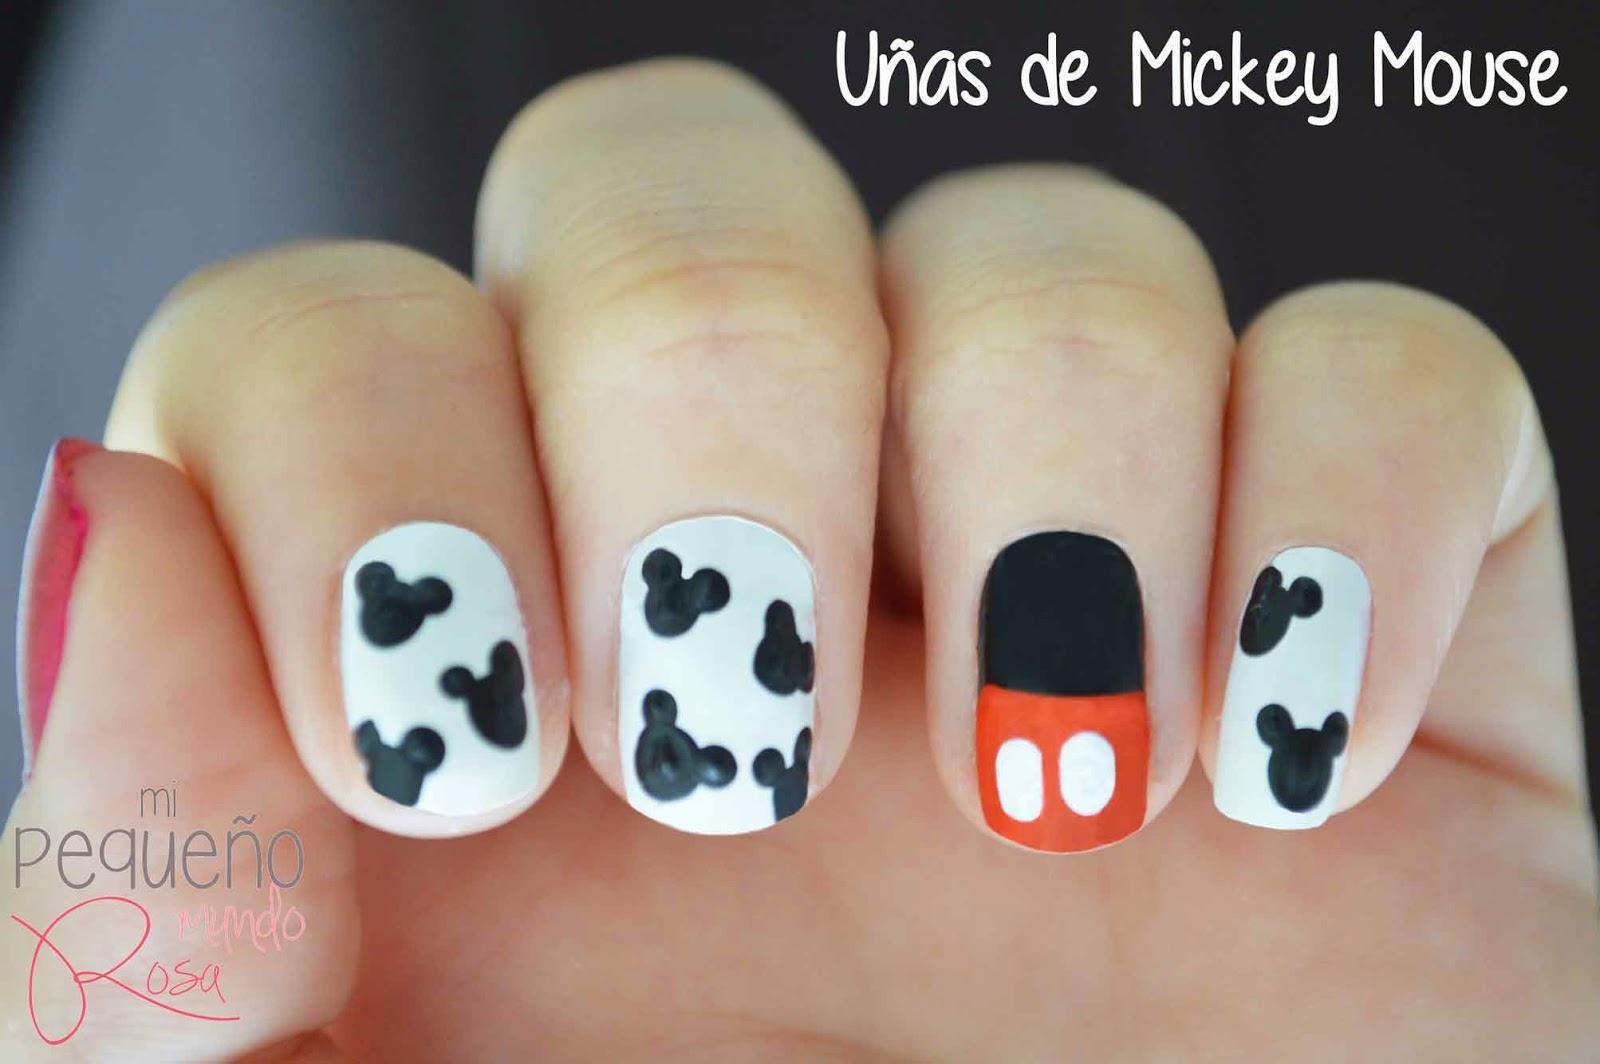 Increíble Uñas Y El Diseño De Mickey Mouse Componente - Ideas de ...